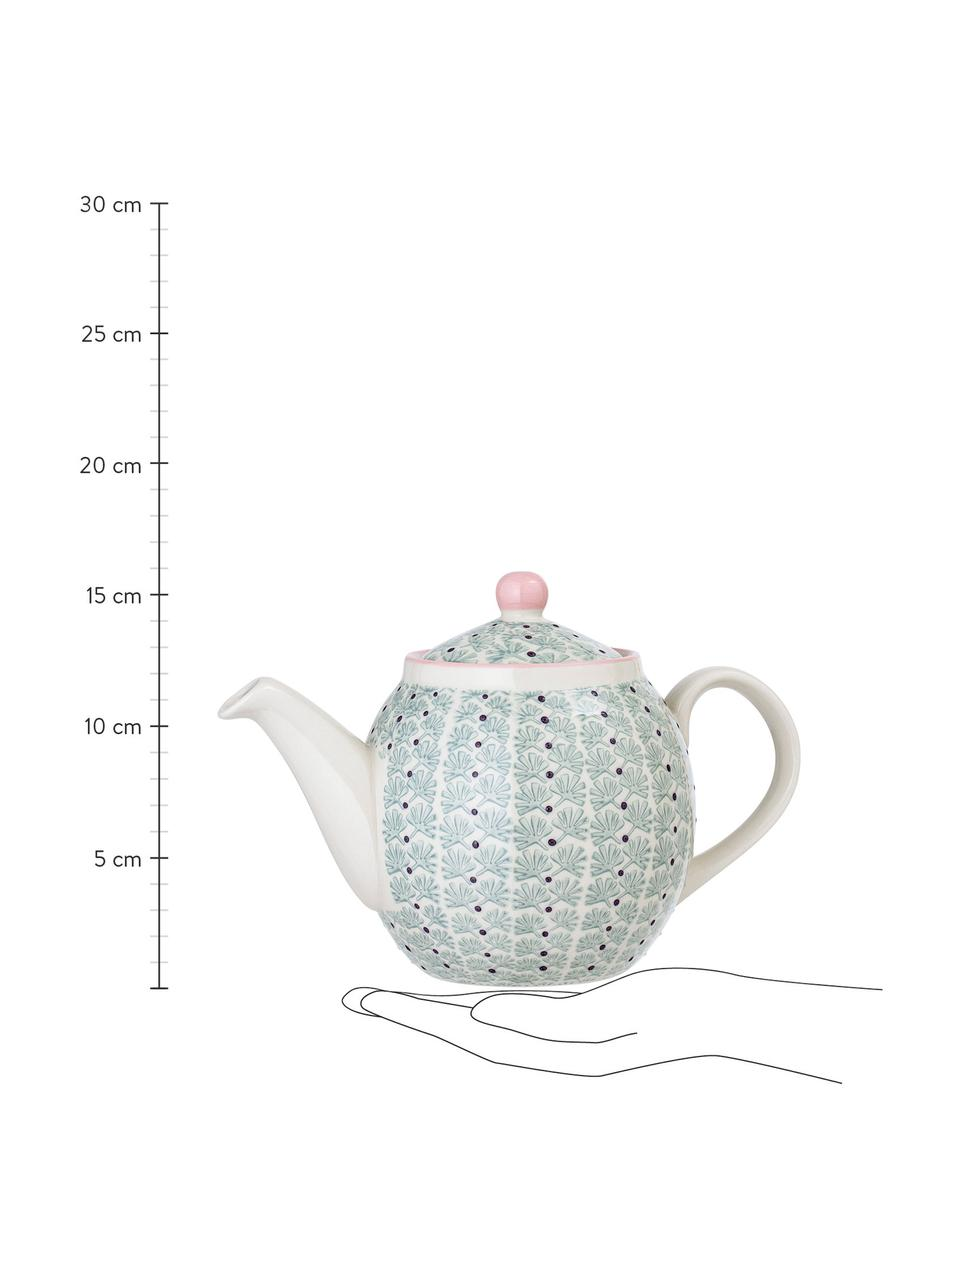 Handbemalte Steingut Teekanne Maya, 1.2 L, Steingut, Weiß, Grün, Rosa, Lila, 1.2 L